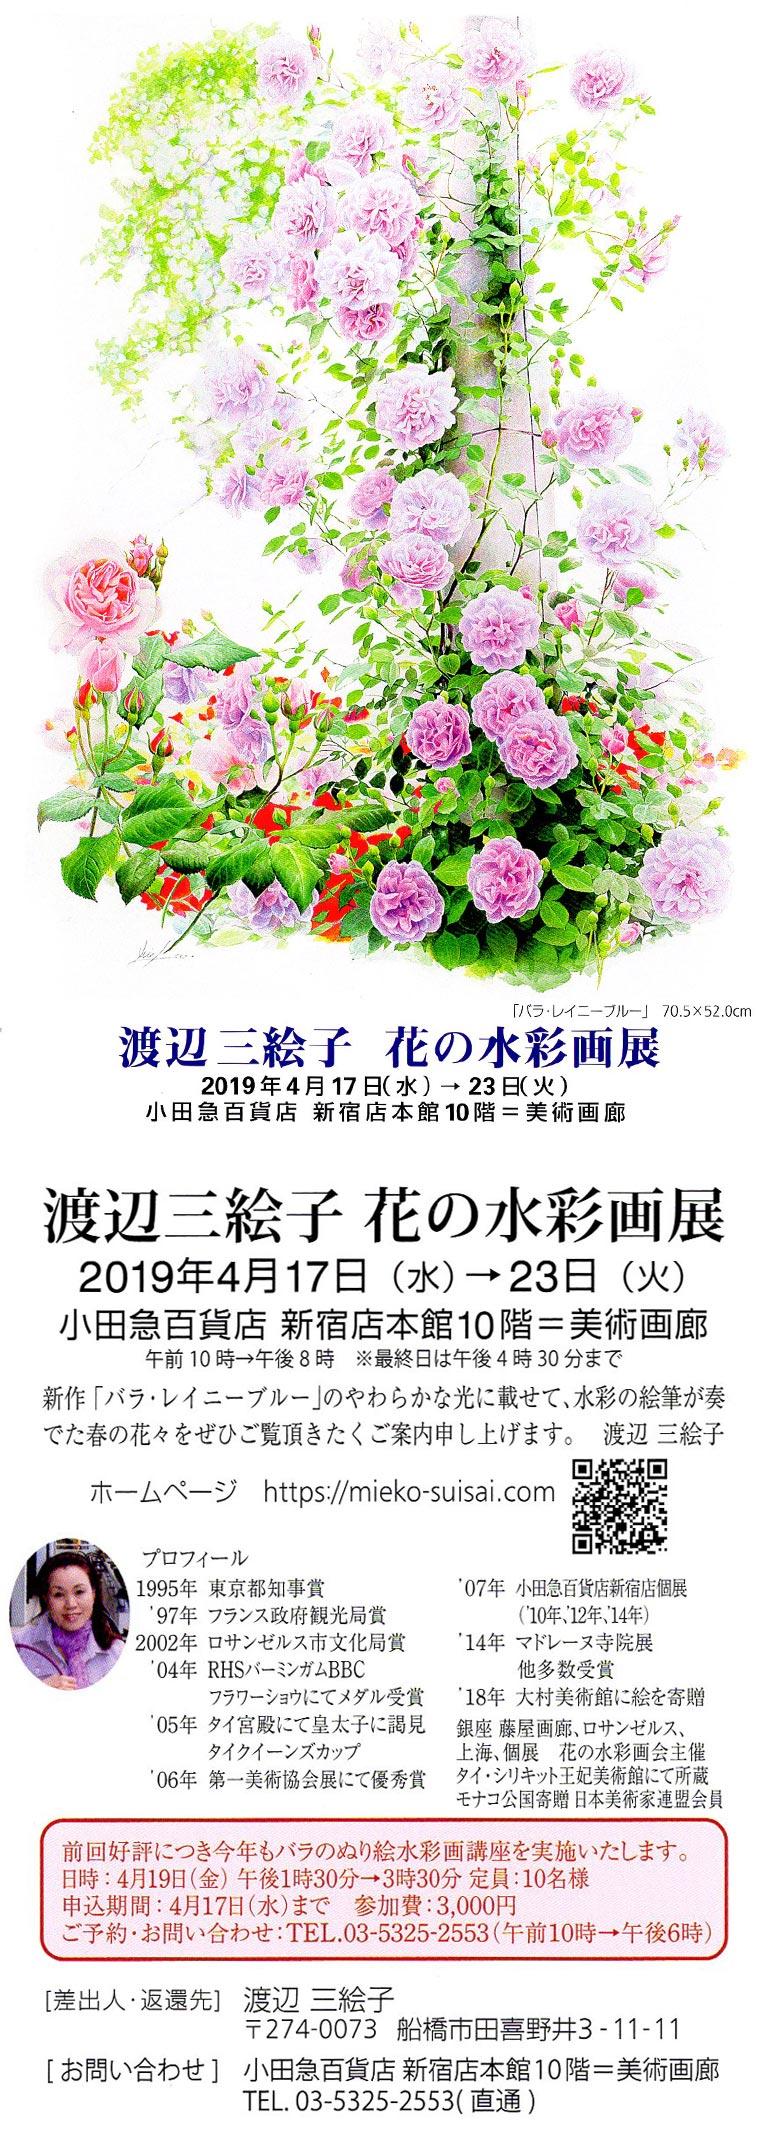 2019年4月17~23日 渡辺三絵子 花の水彩画展 小田急百貨店 新宿店本館10階=美術画廊